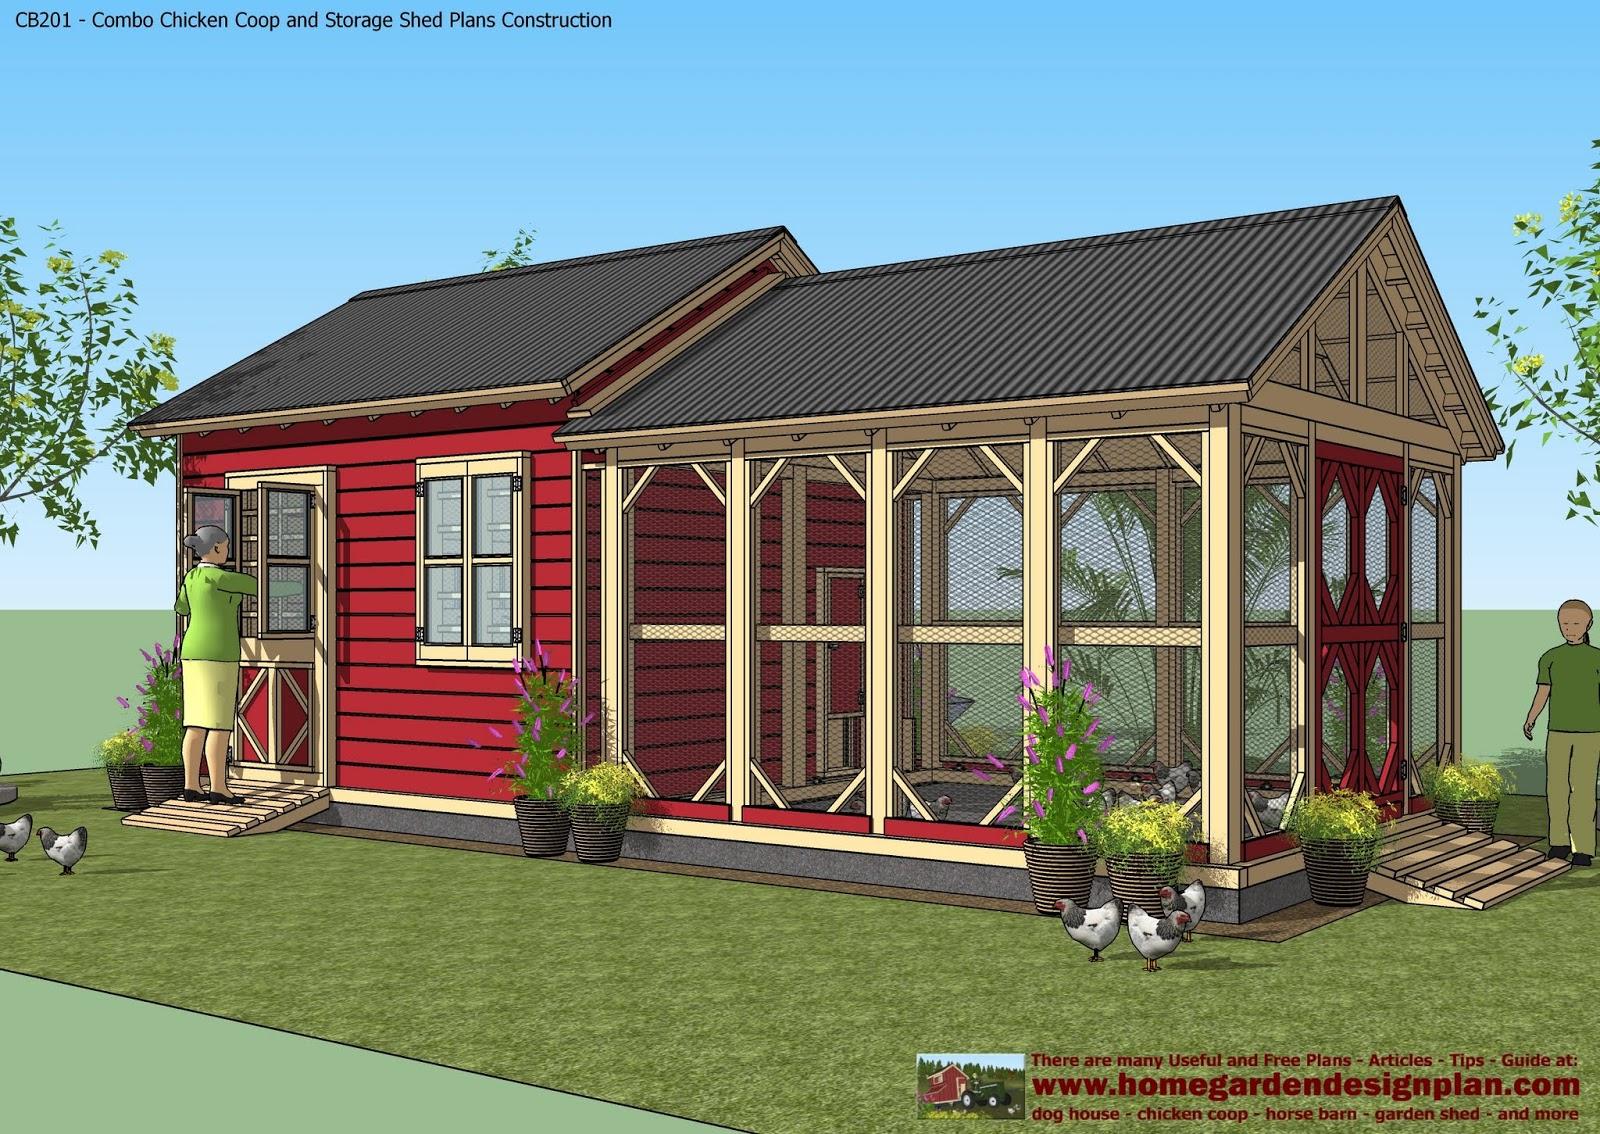 Home Garden Plans: CB201